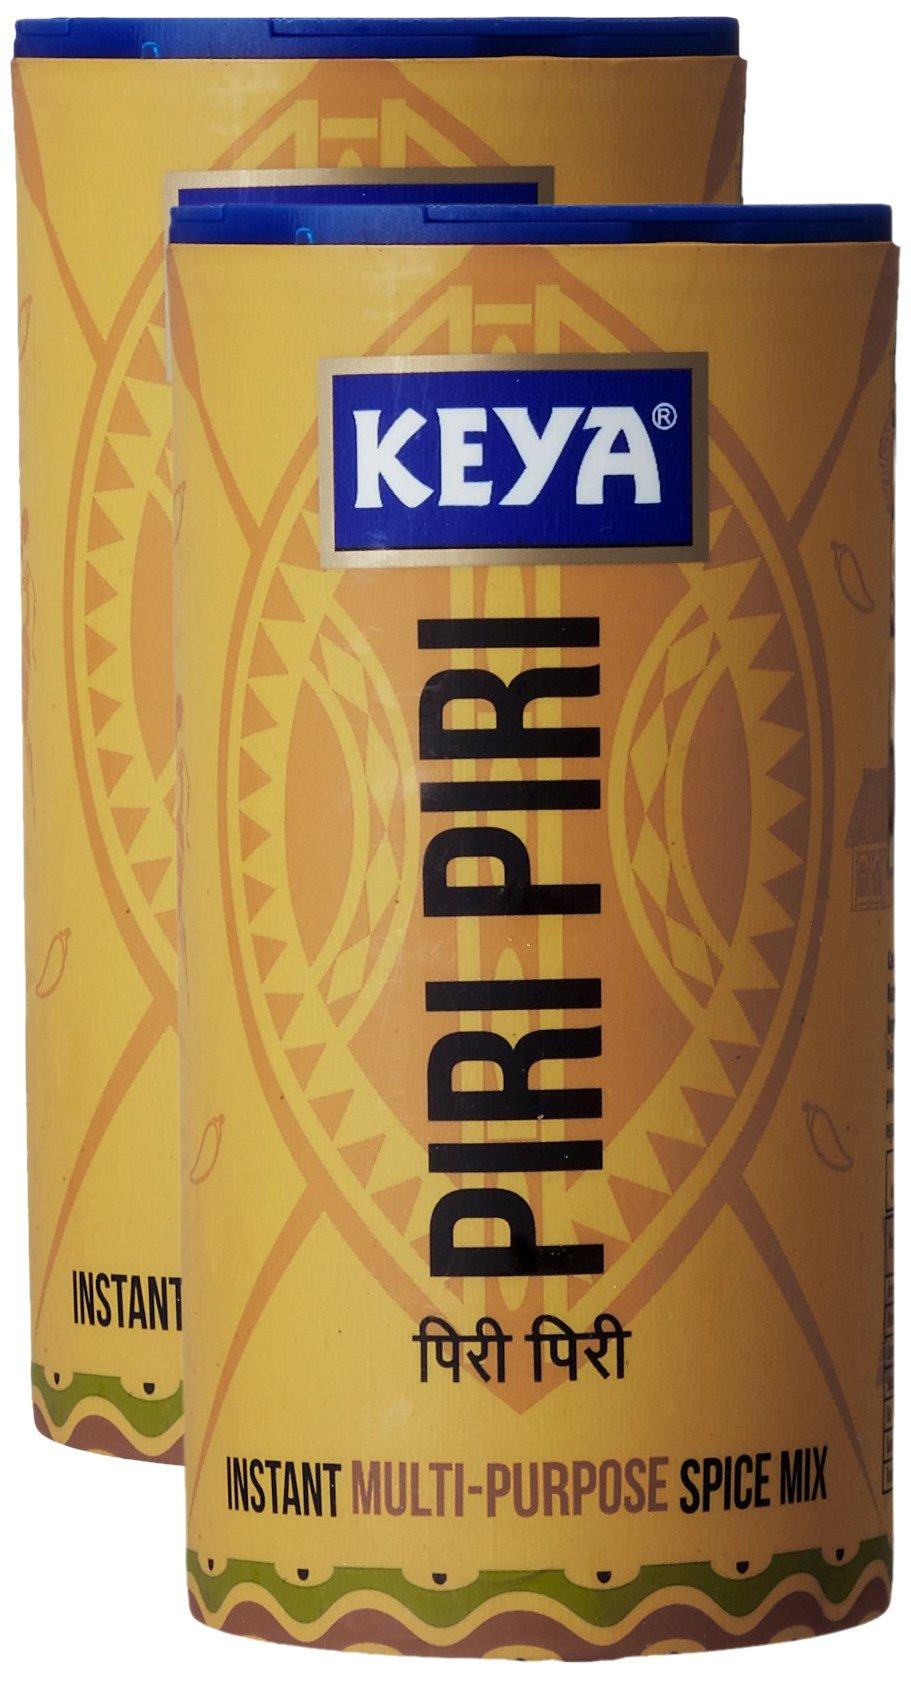 Keya Piri Piri Seasoning 80 grams (2.8 oz) - Vegetarian, India - Instant Multi Purpose Spice Mix - Pack of 2